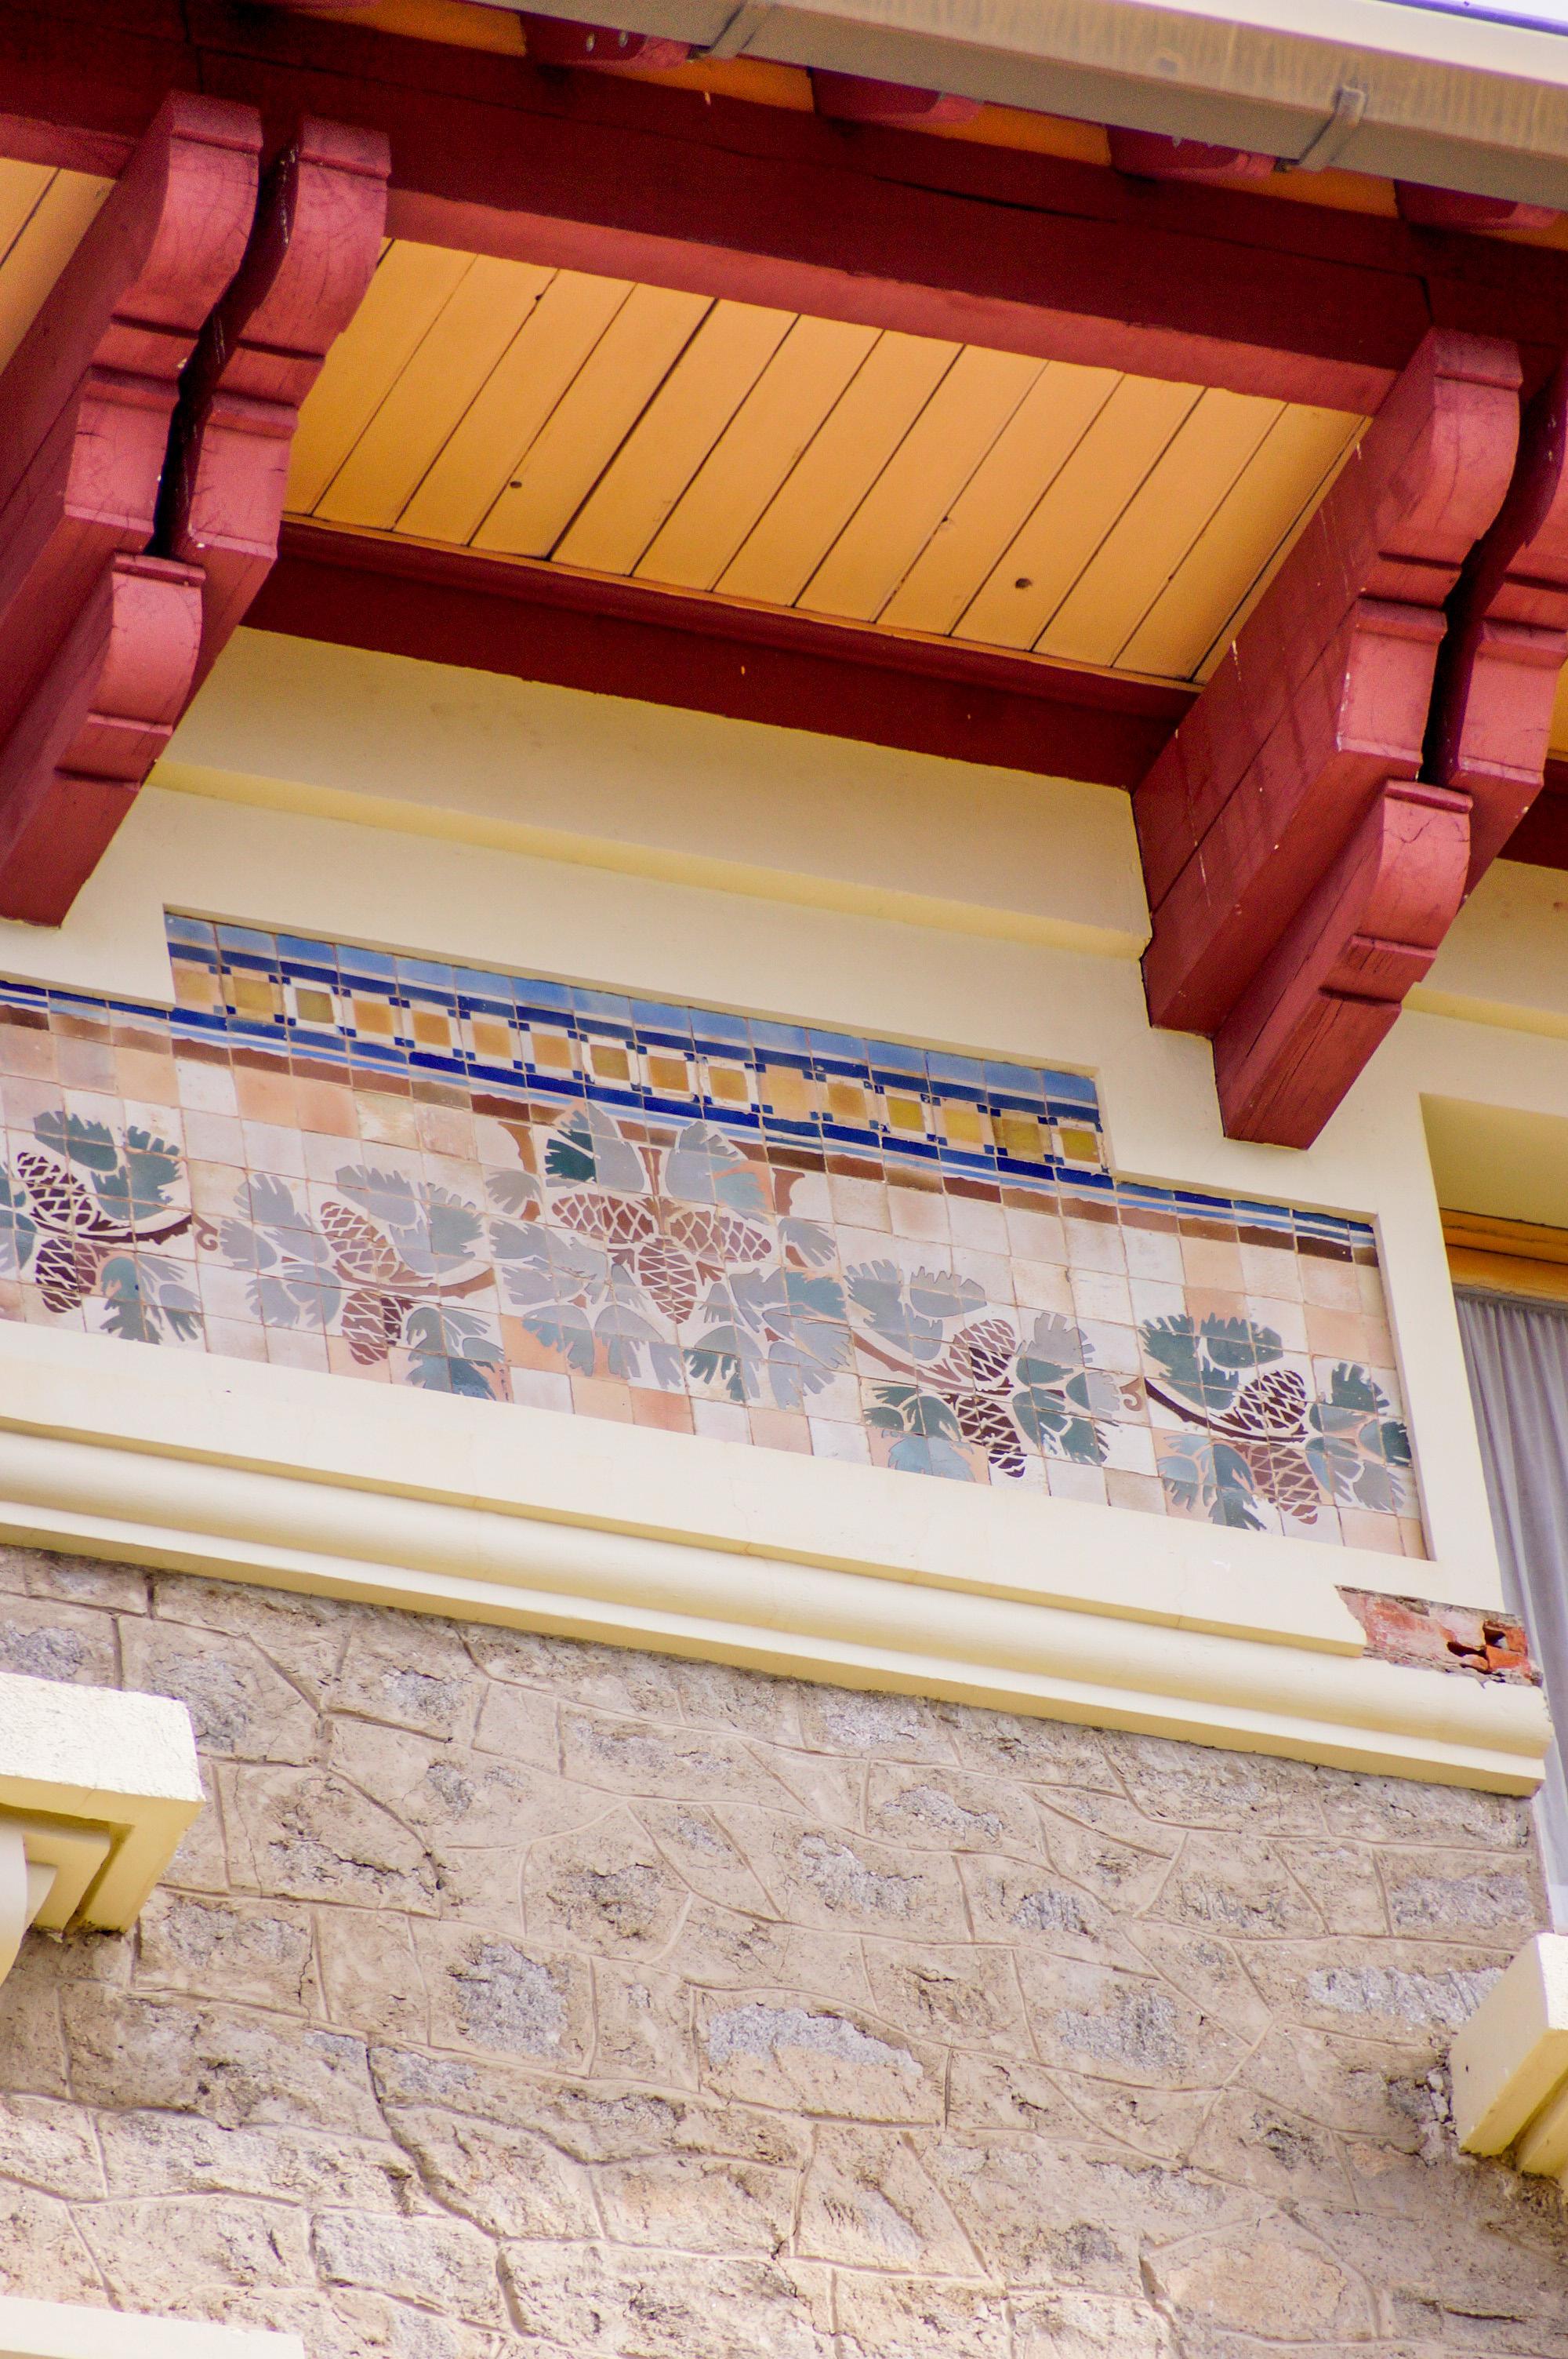 Art Et Decoration Juin 2017 fichier:019art deco — wikipédia